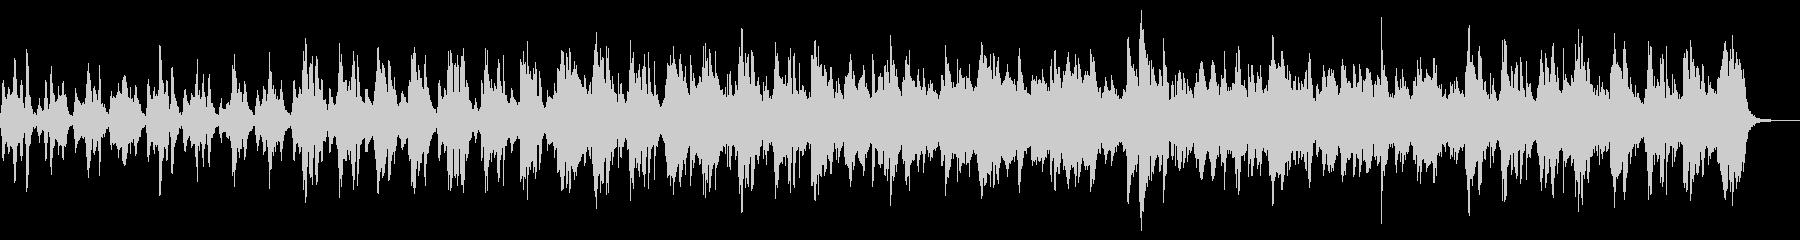 ストリングスとピアノの日常感ある楽曲の未再生の波形